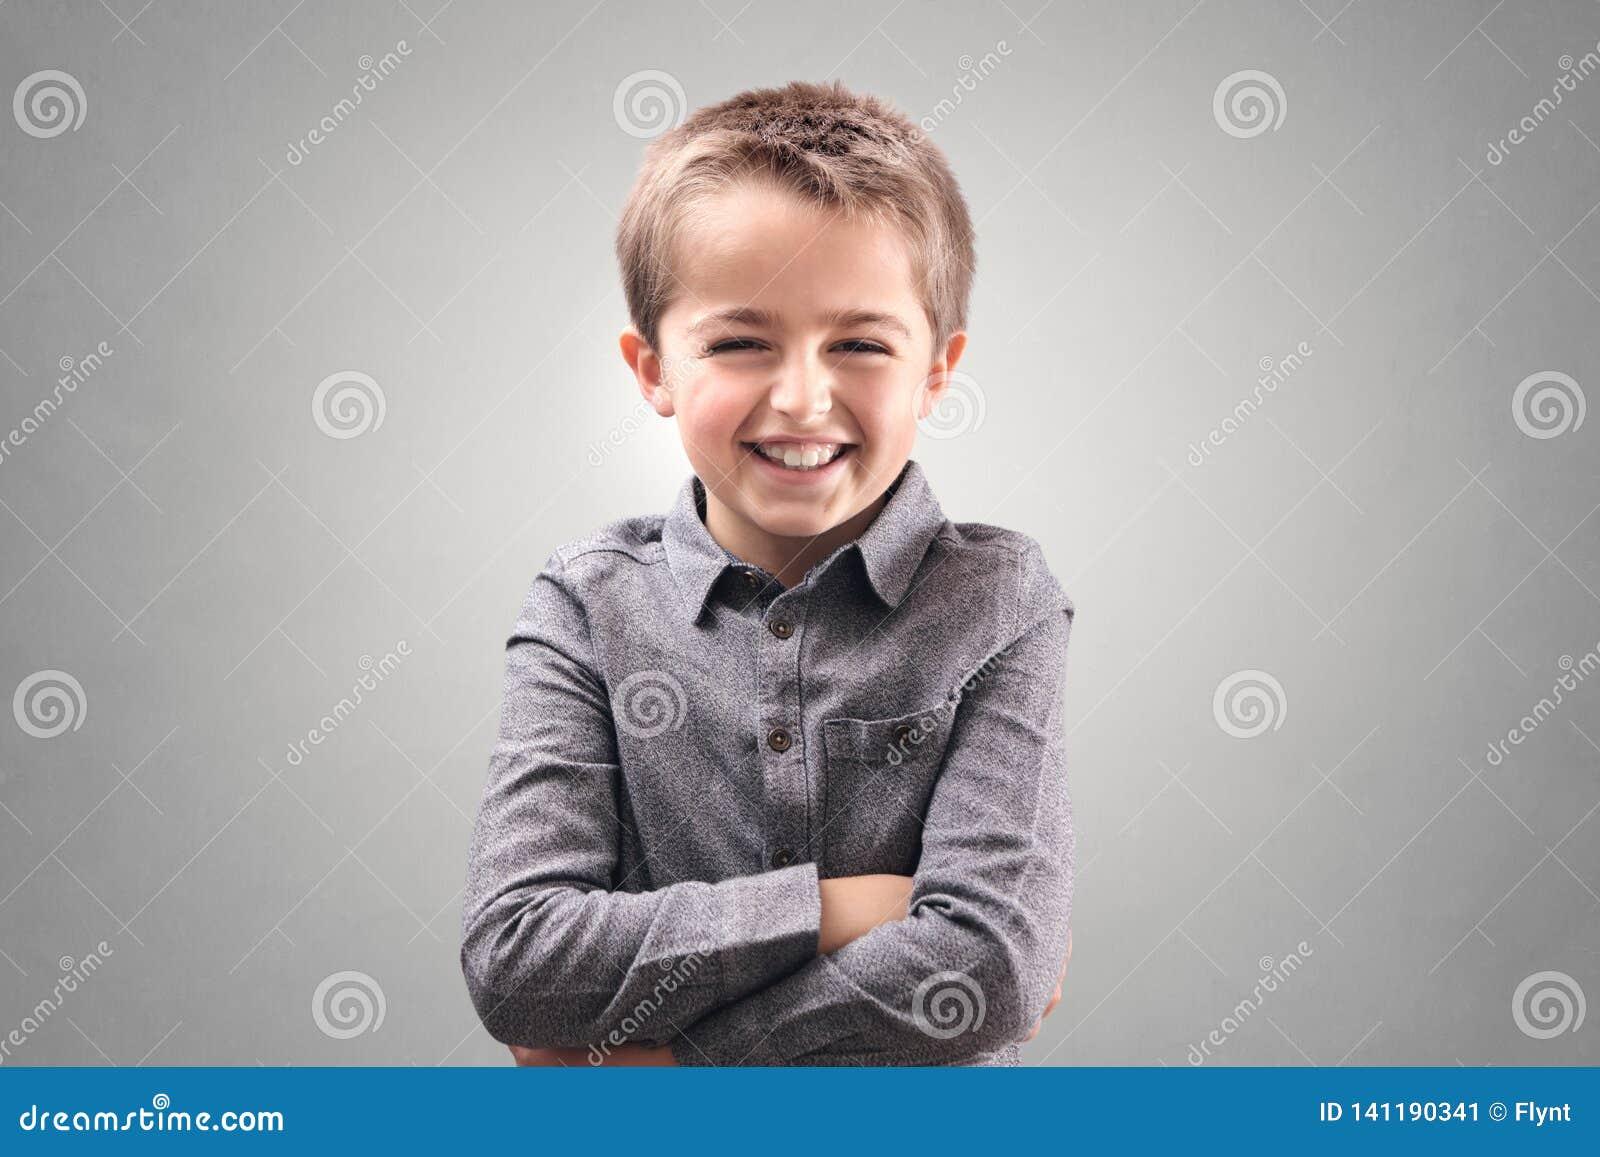 αγόρι που χαμογελά και που γελά